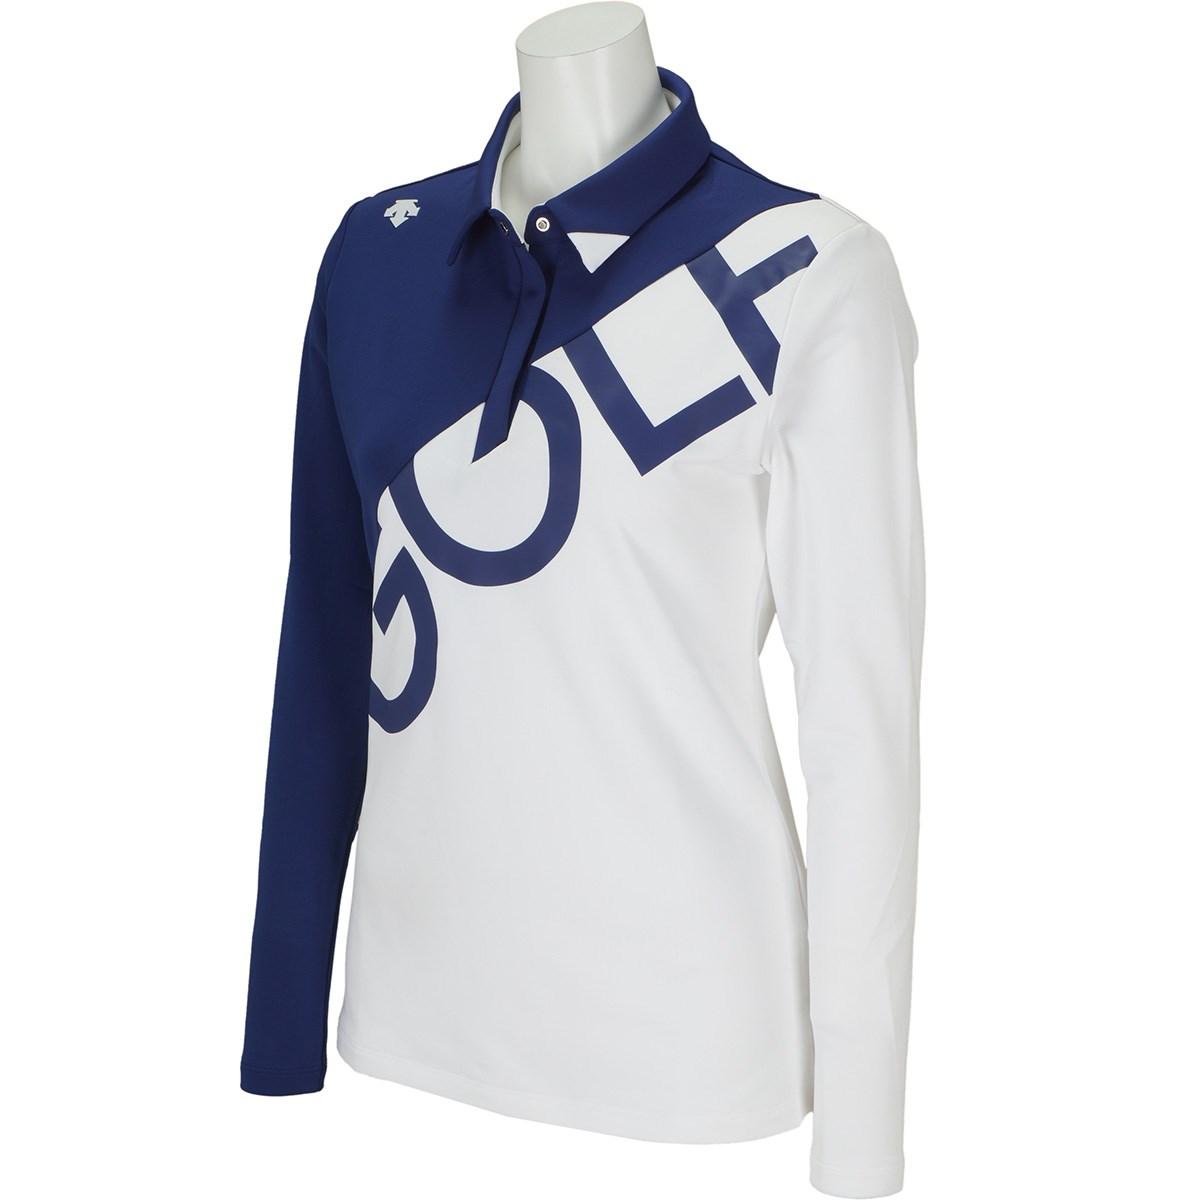 デサントゴルフ DESCENTE GOLF カチオンハイマルチ ロゴプリント ストレッチ長袖ポロシャツ S ホワイト 00 レディス